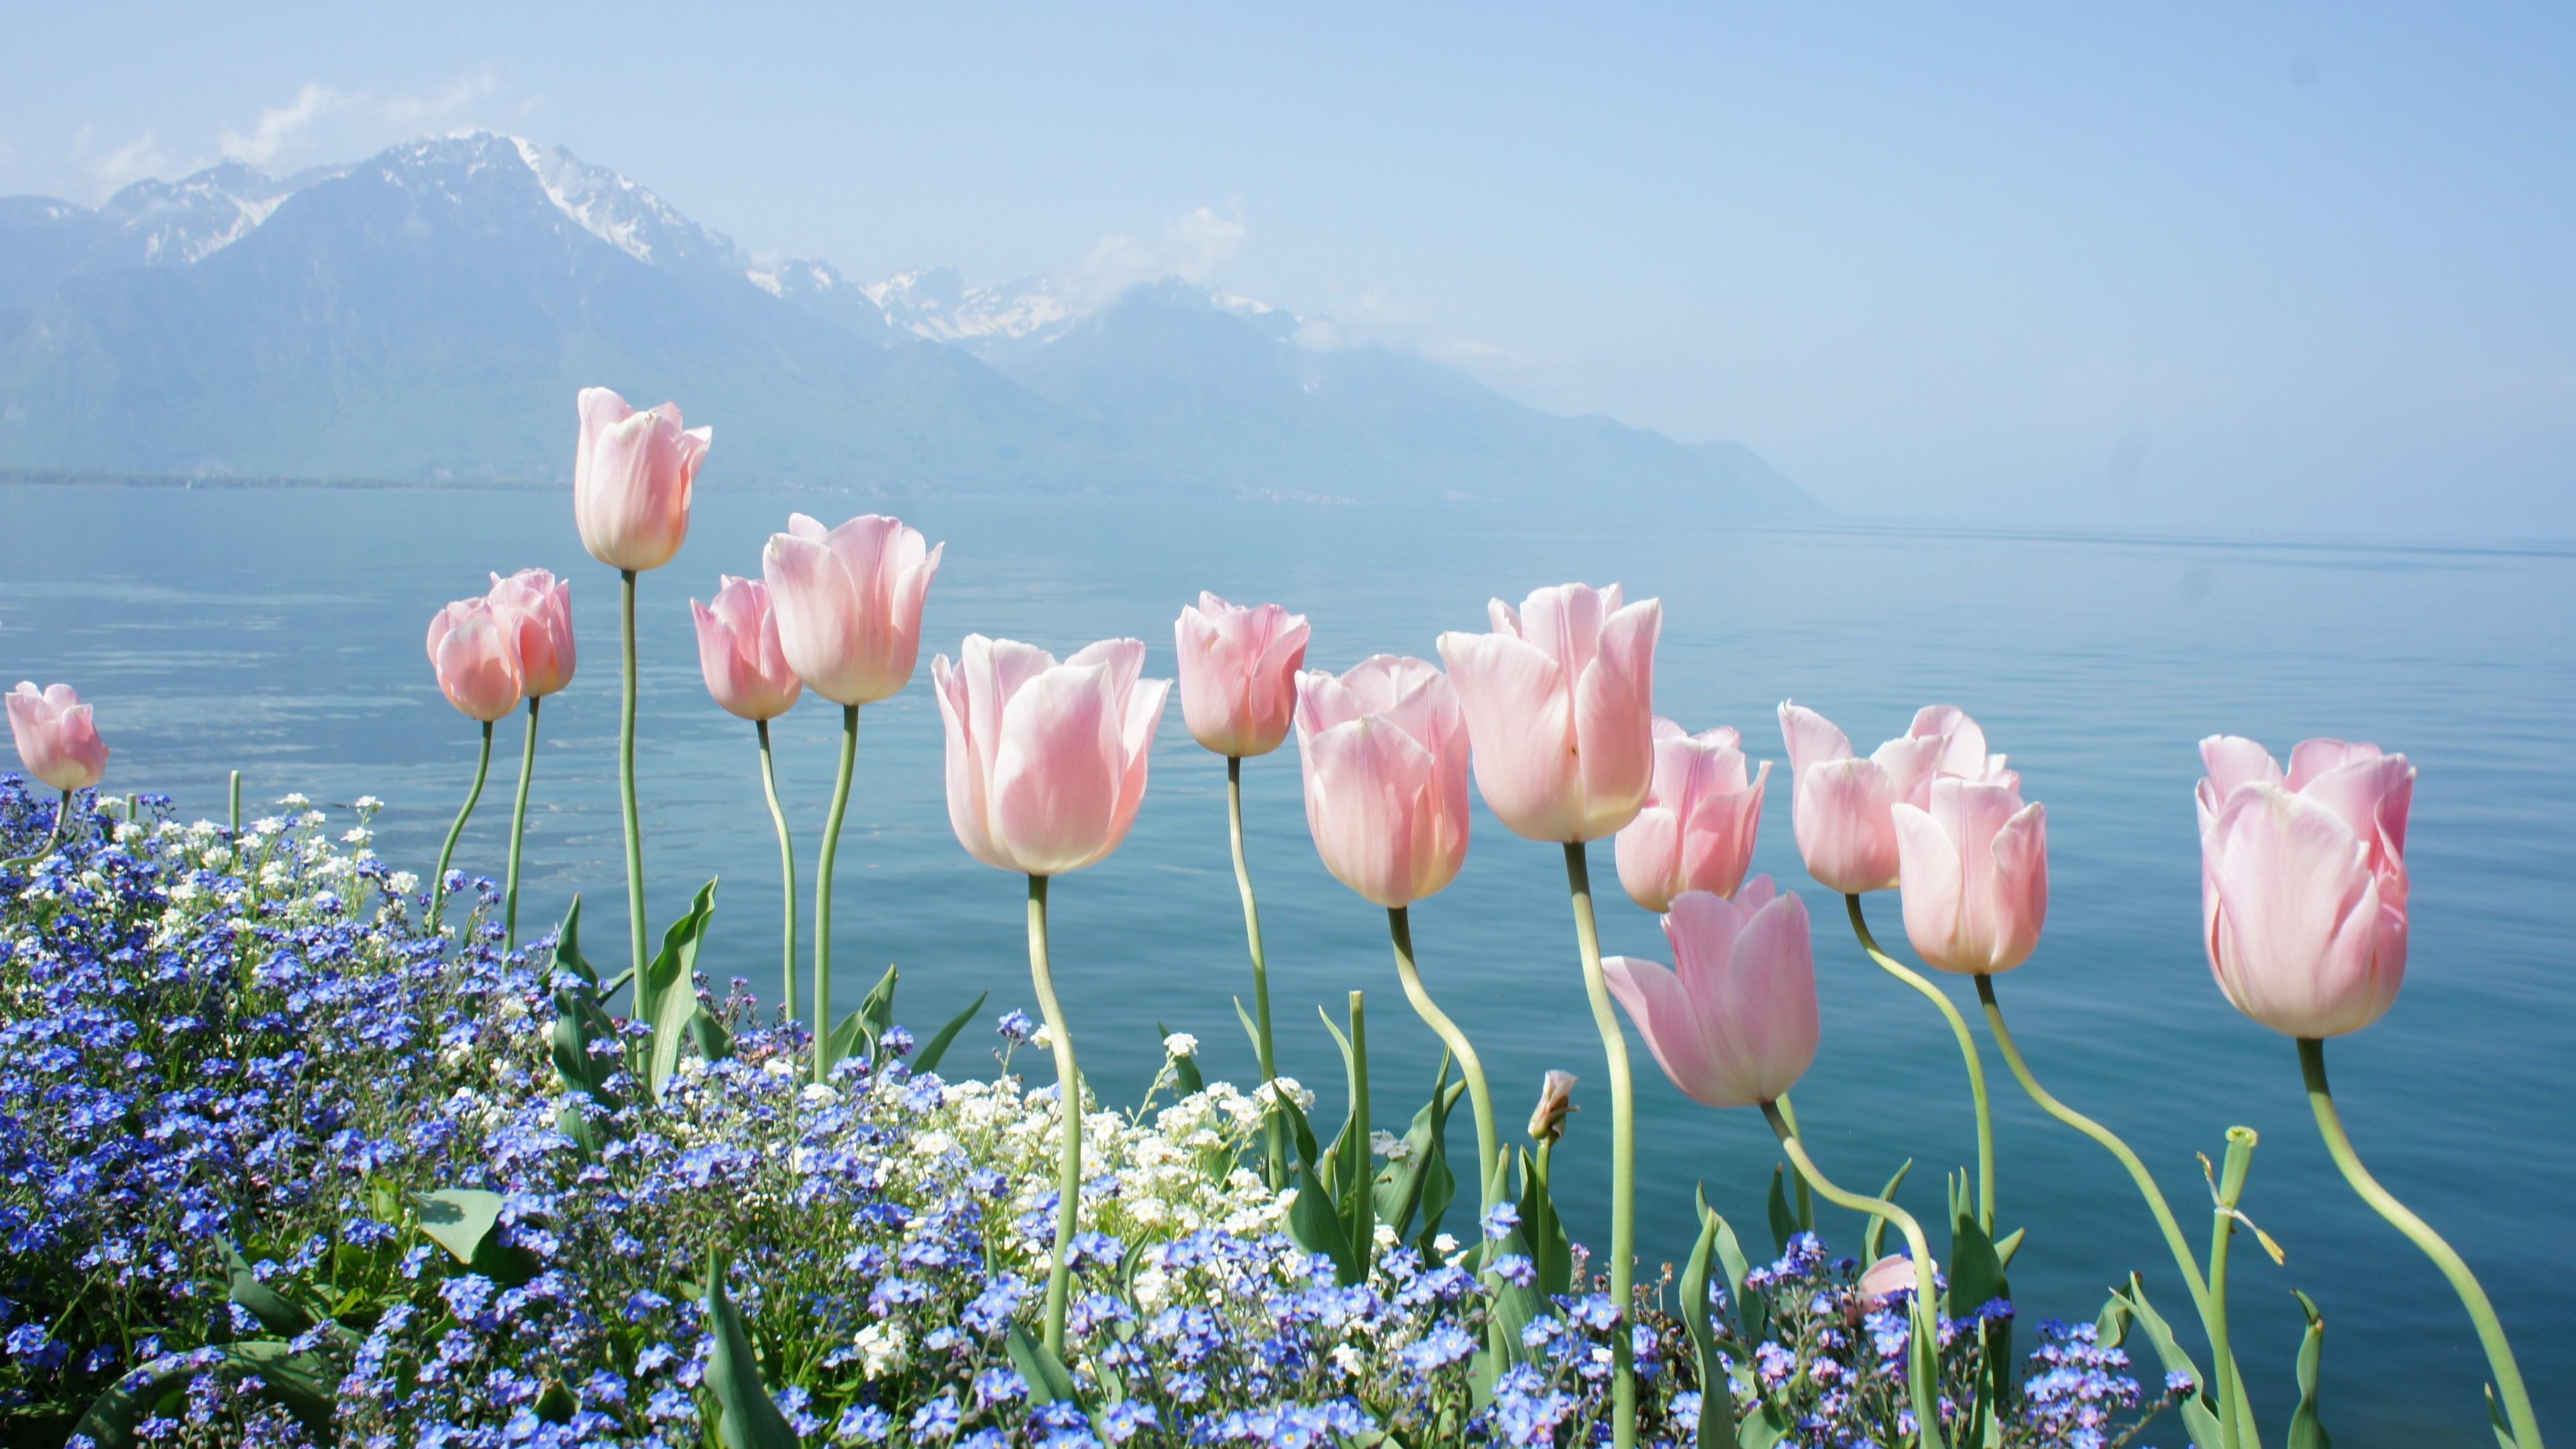 Hình nền hoa và thiên nhiên mùa xuân